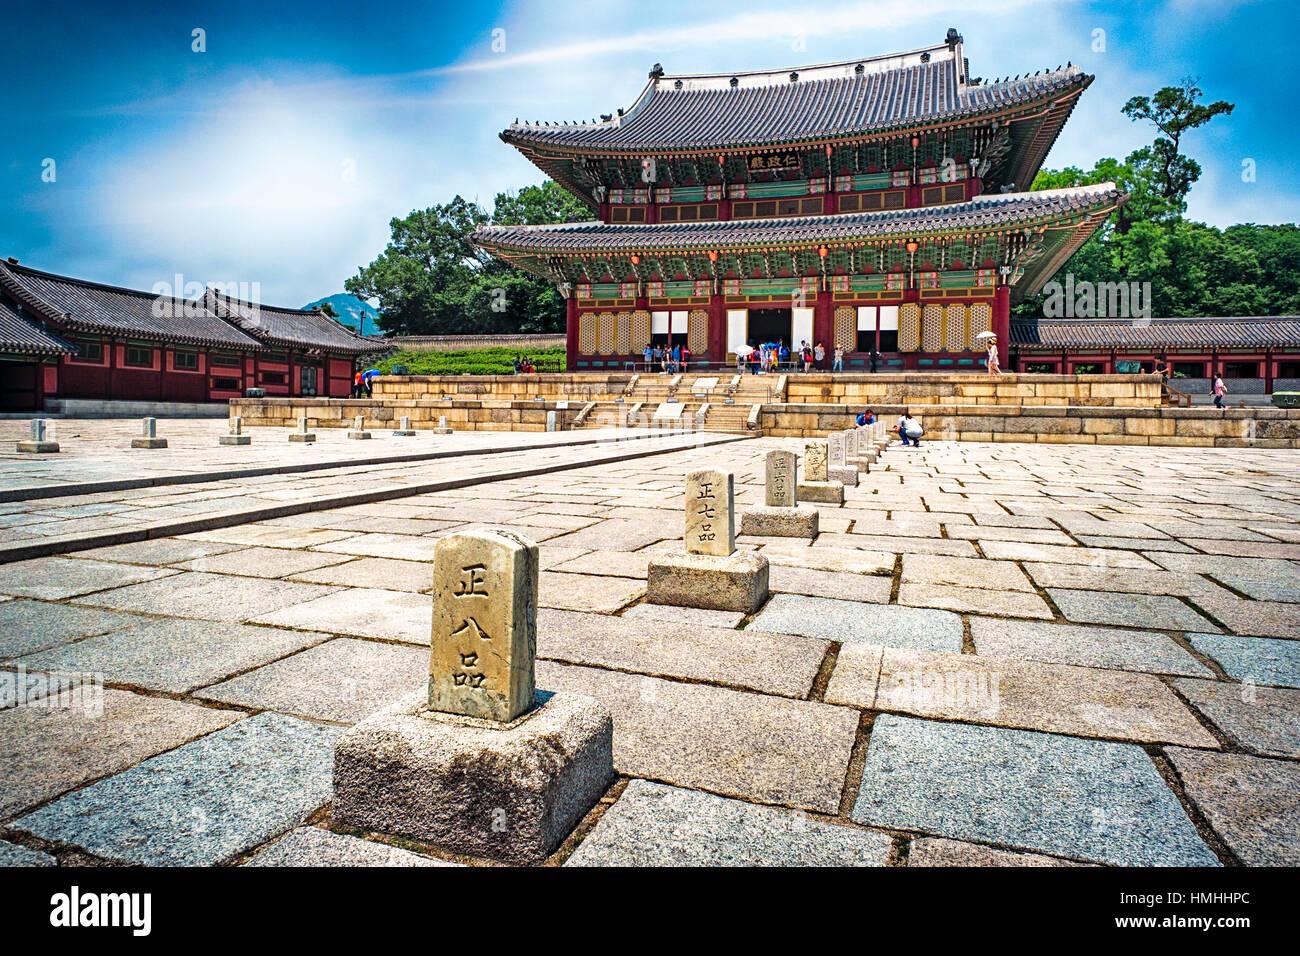 Construcción de sala del trono en el Palacio Gyeongbokgung, Seúl, Corea del Sur Imagen De Stock